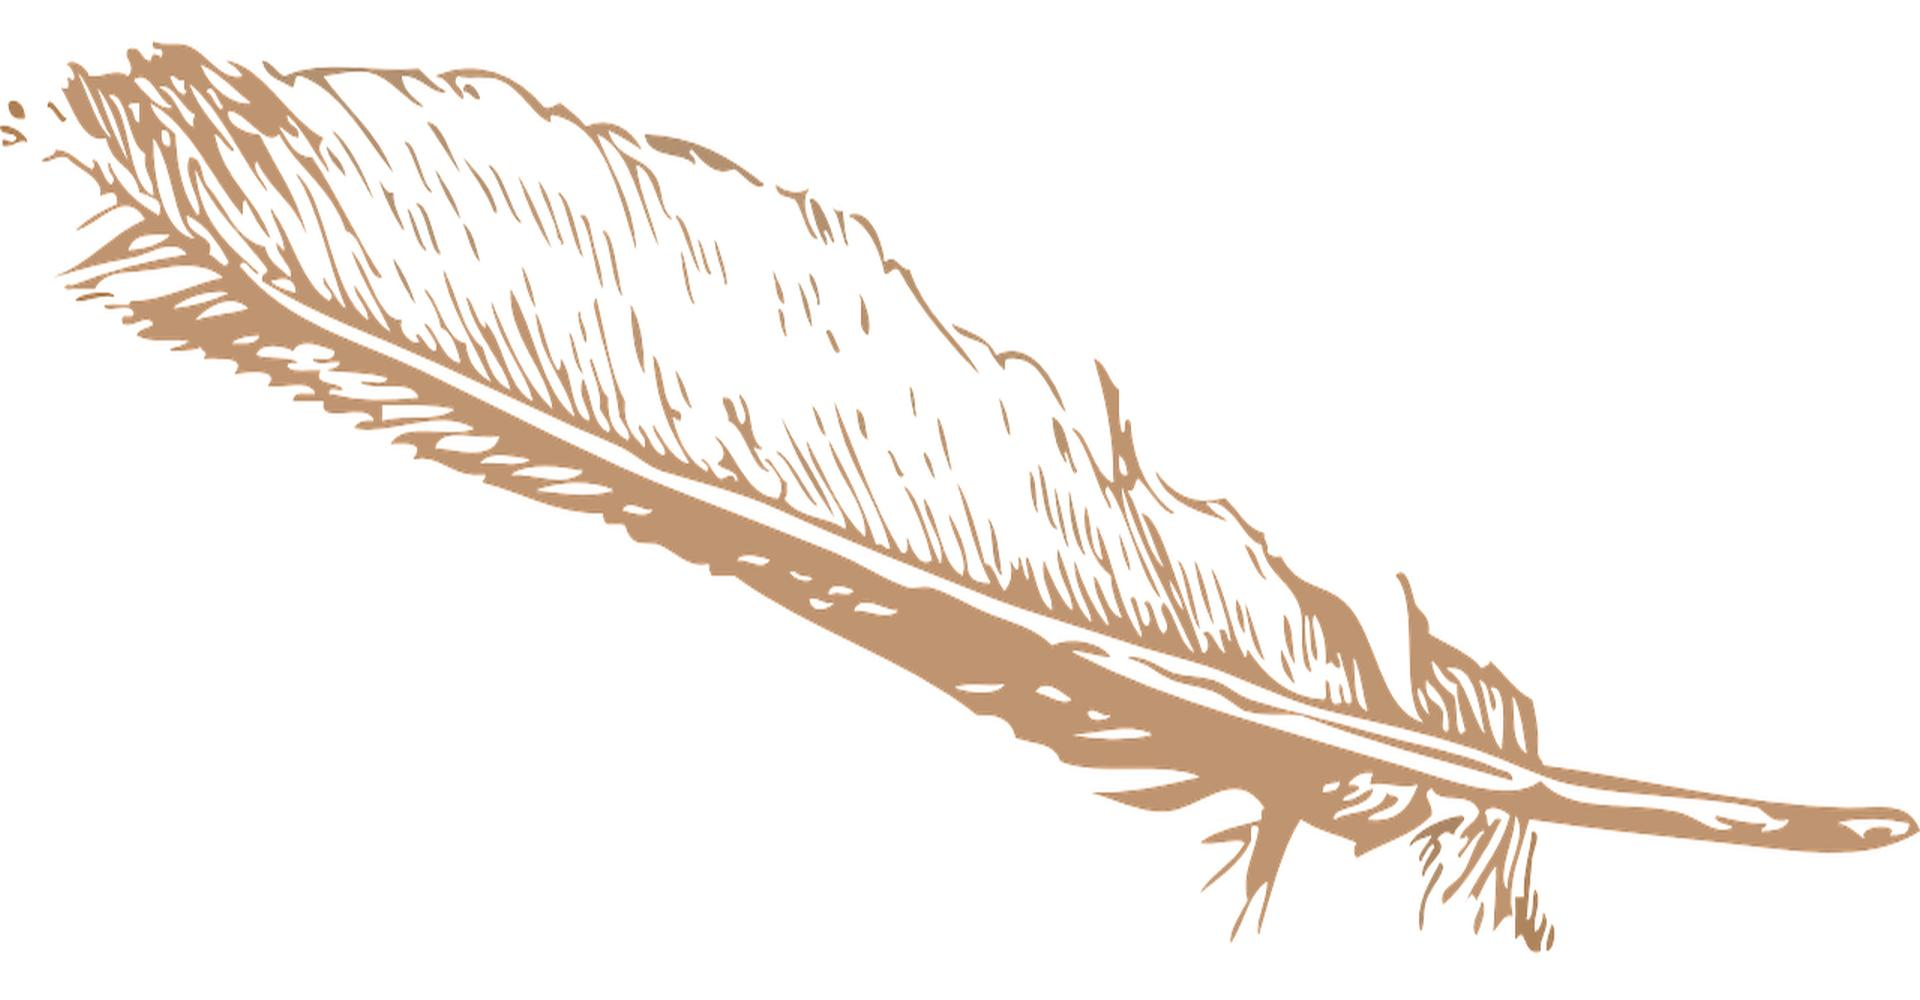 Fremde Federn - Feder